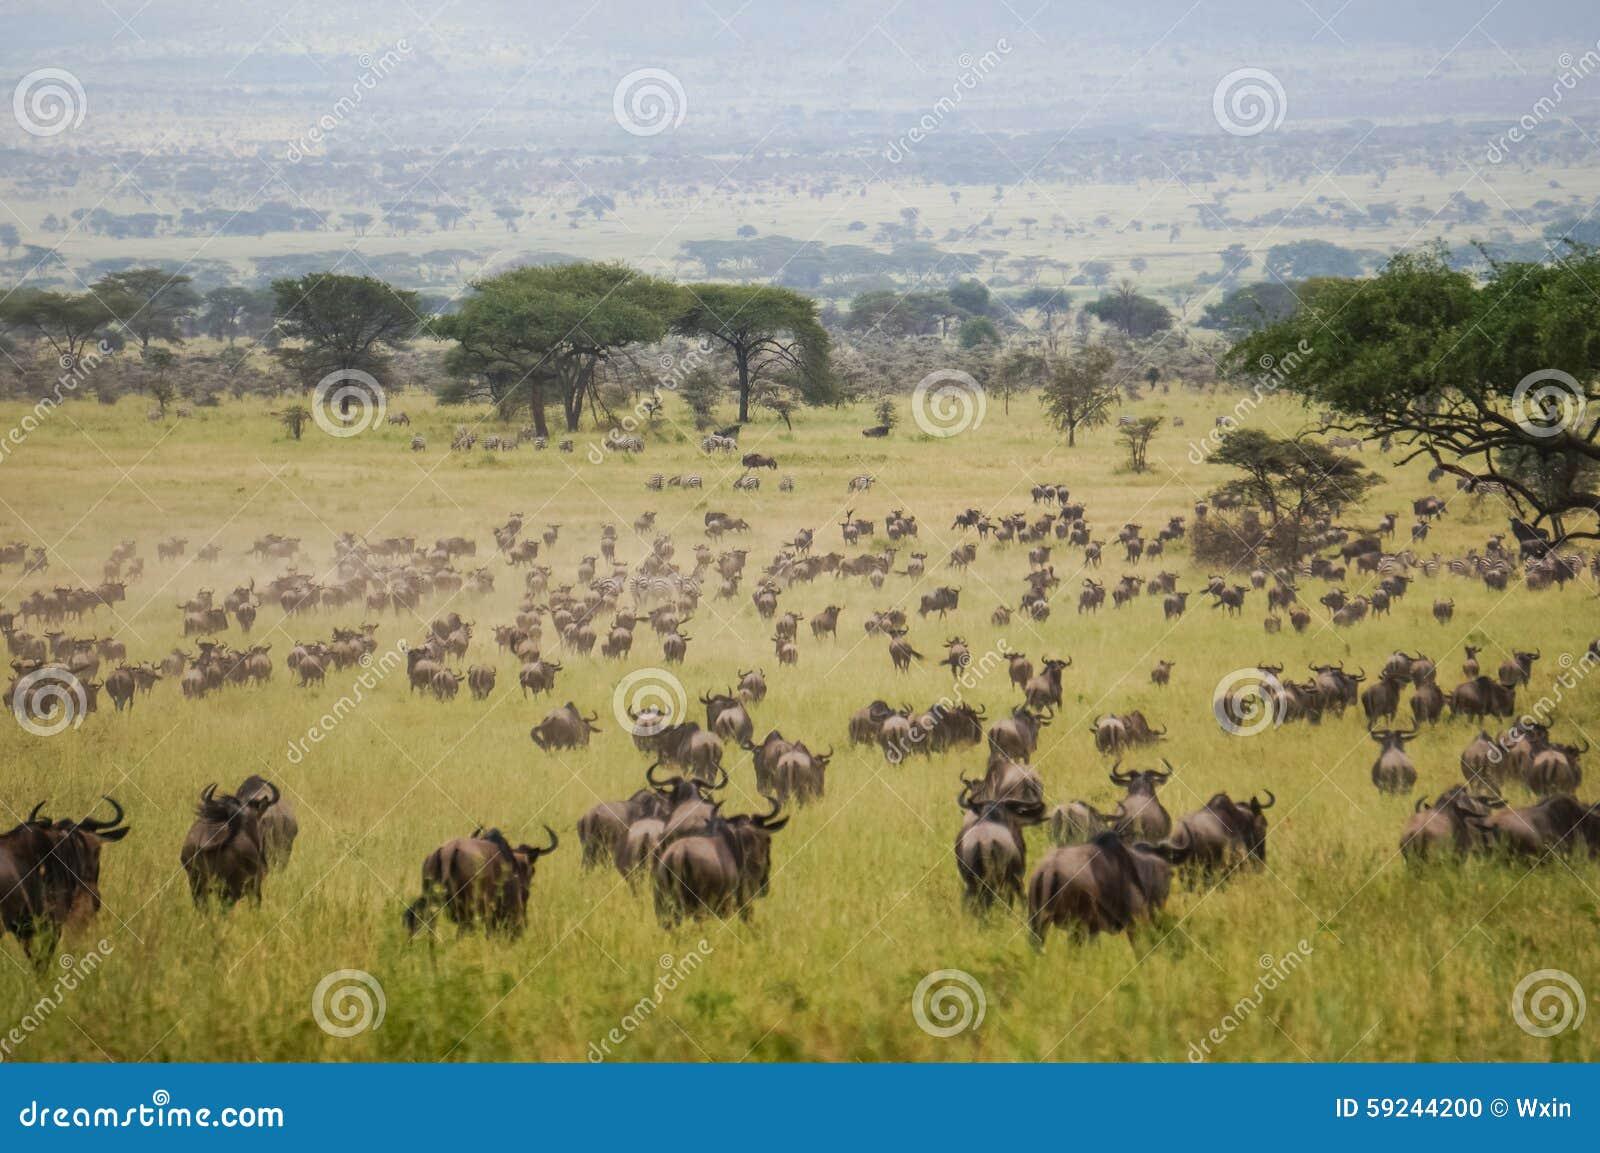 En santuario de fauna